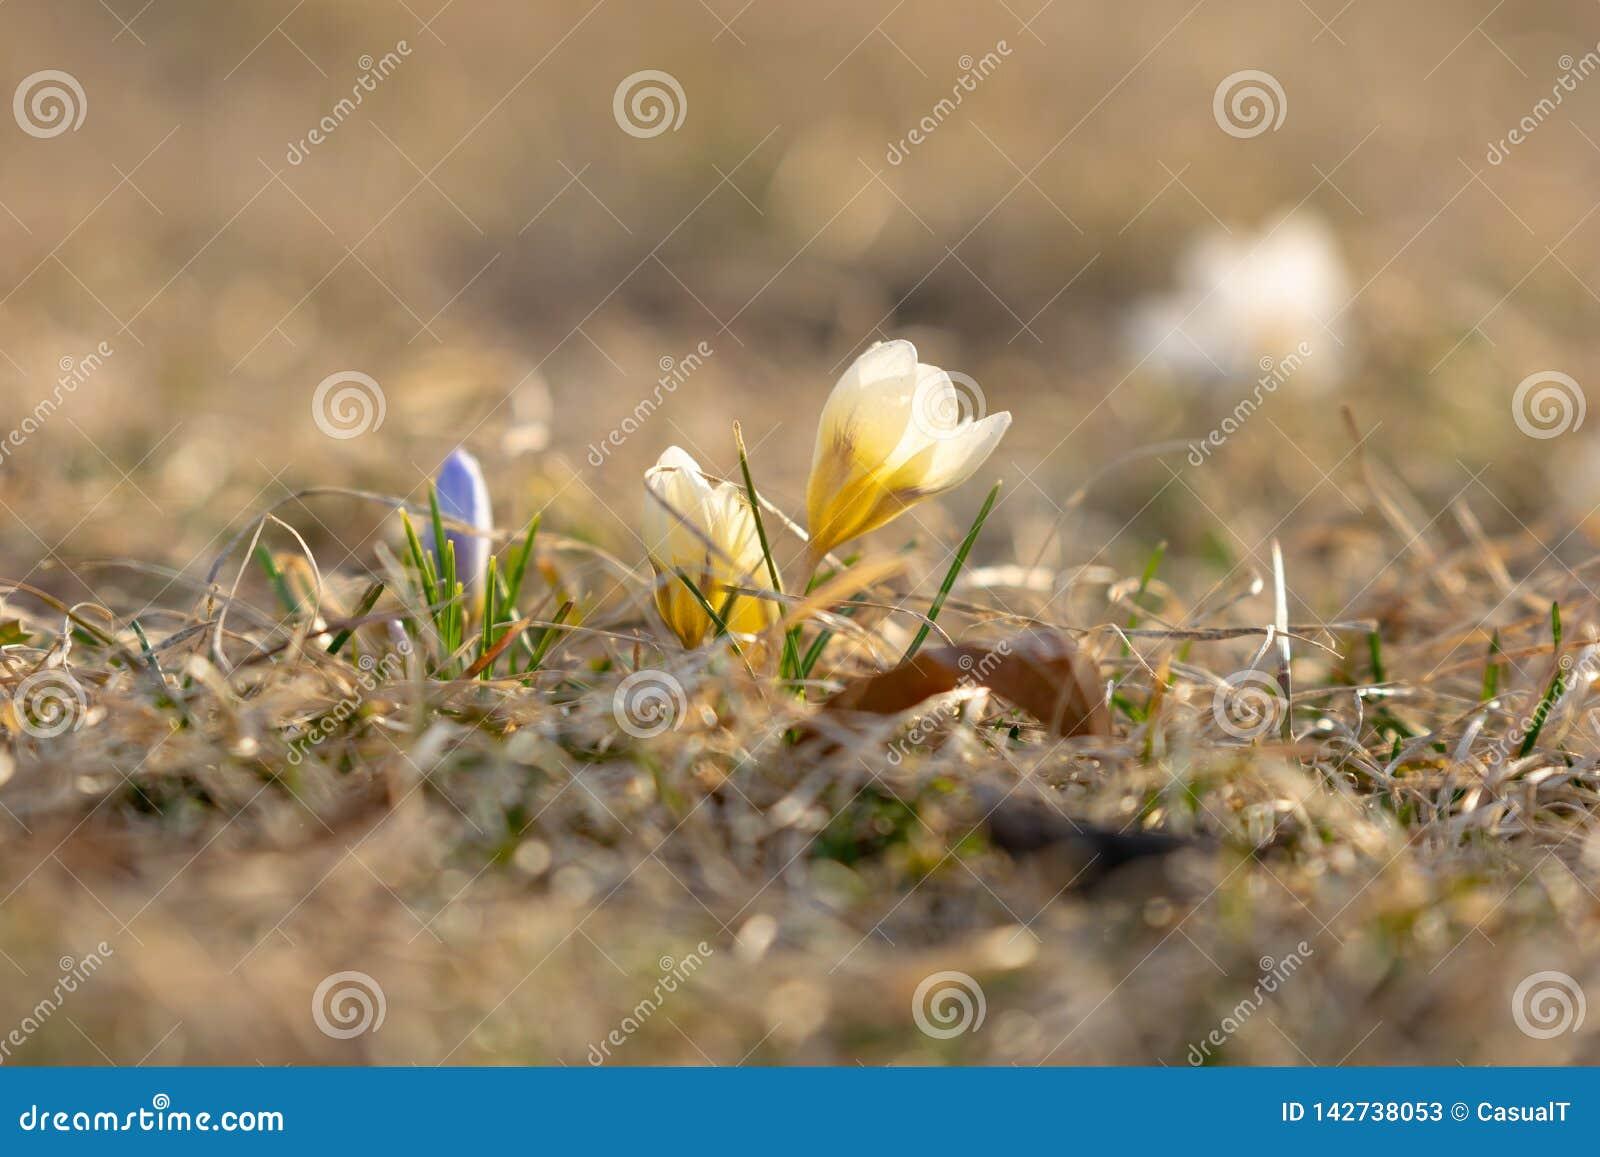 Crocus jaunes et pourpres environ à fleurir en premier ressort, sur un fond gentil de bokeh, plan rapproché